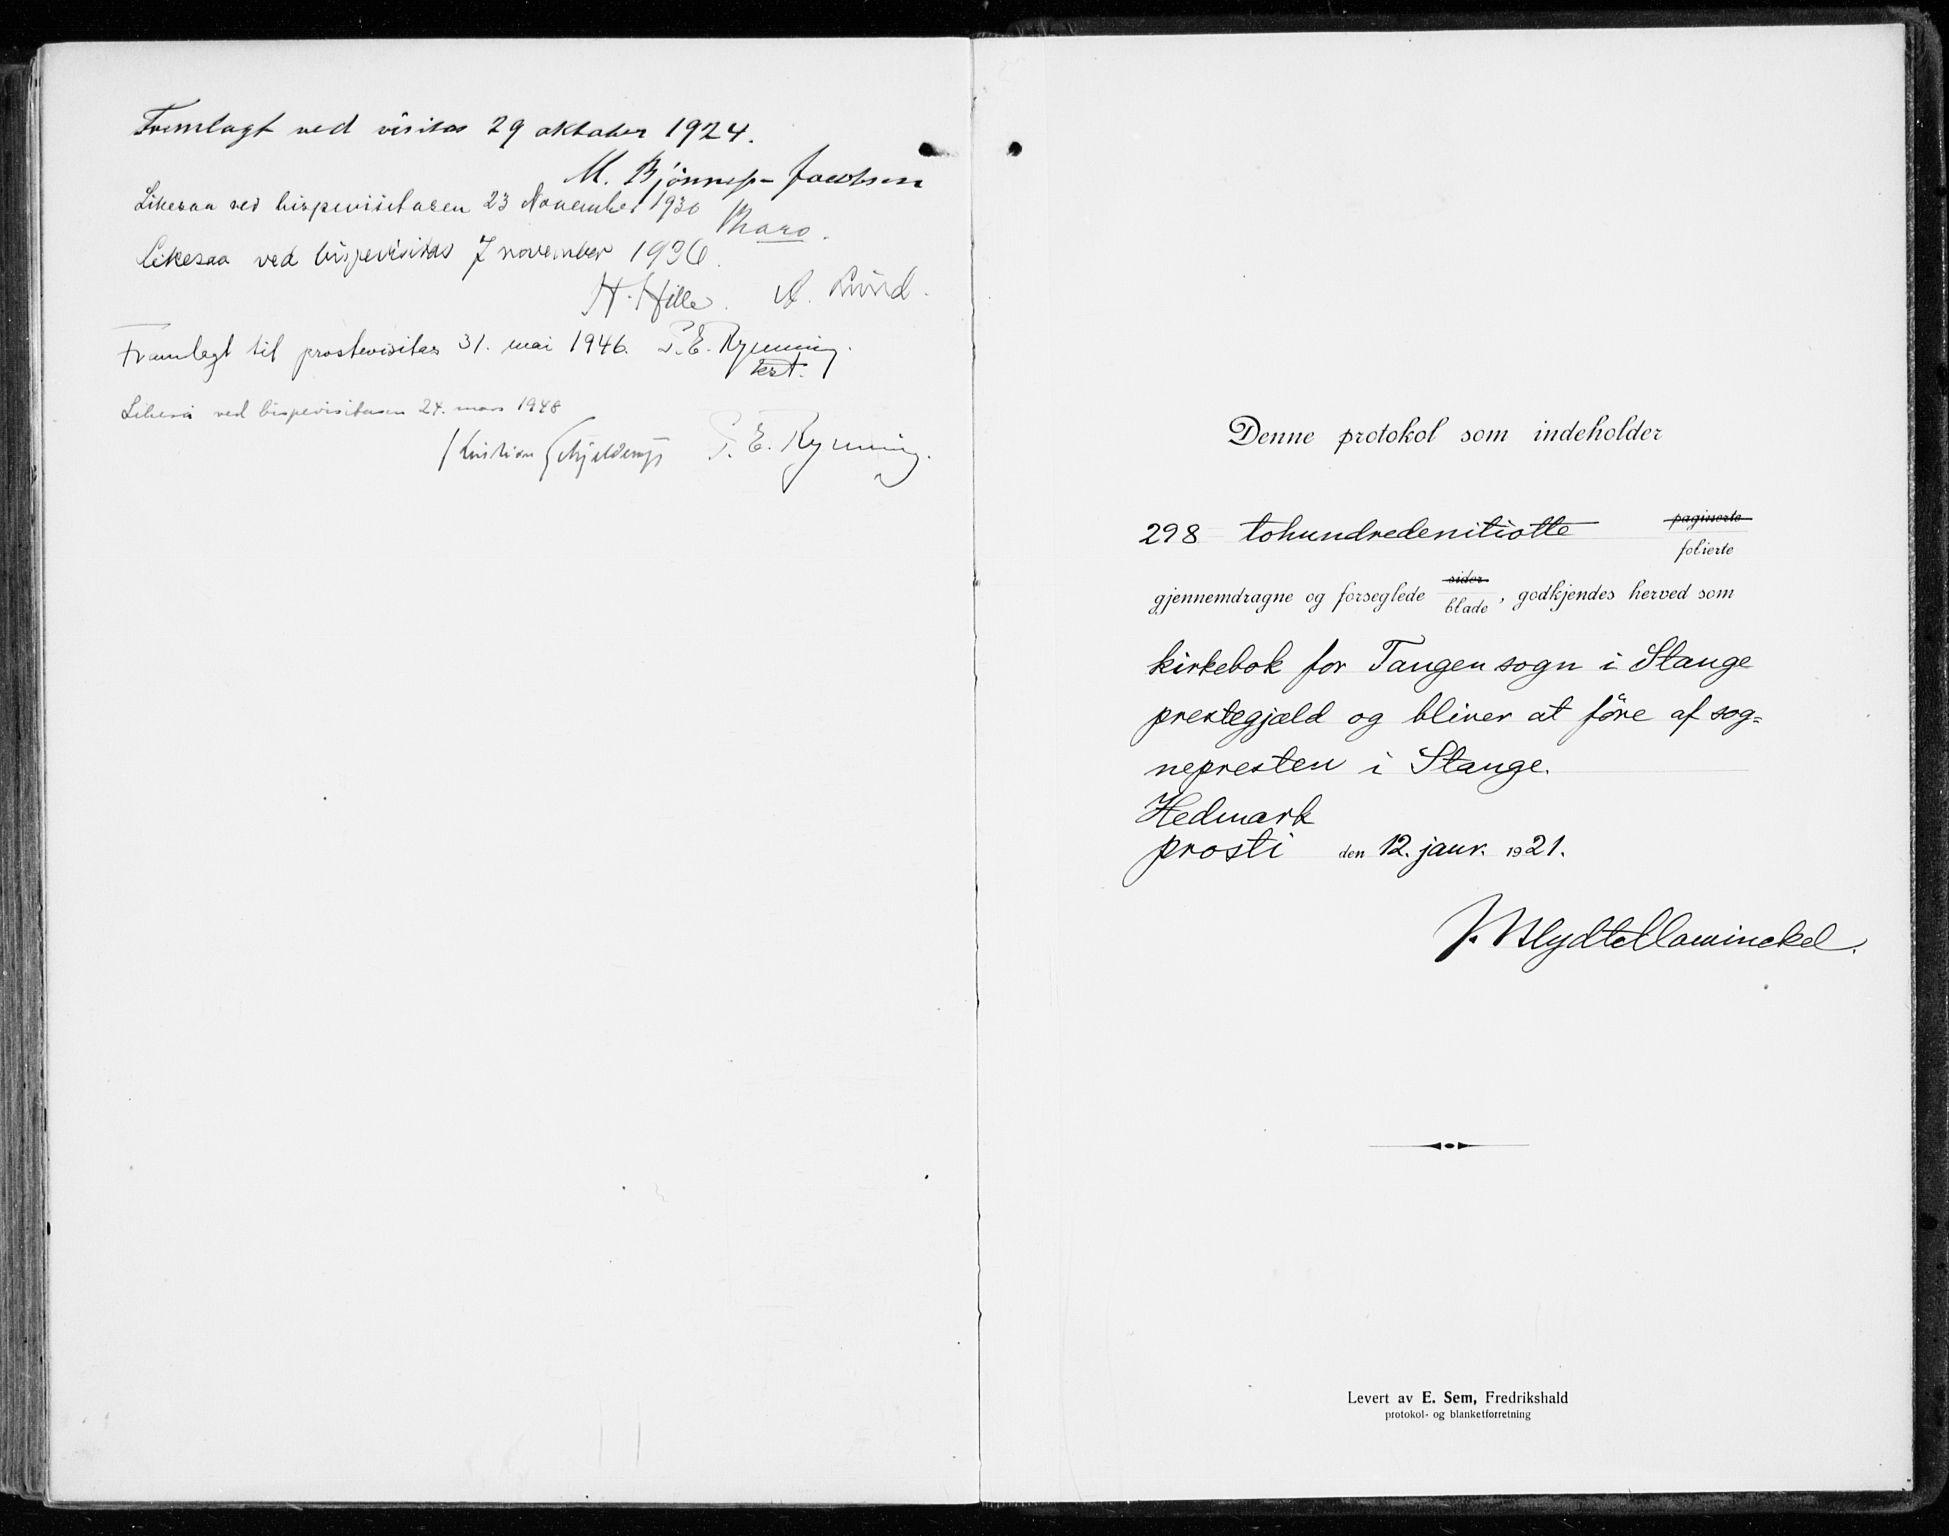 SAH, Stange prestekontor, K/L0025: Parish register (official) no. 25, 1921-1945